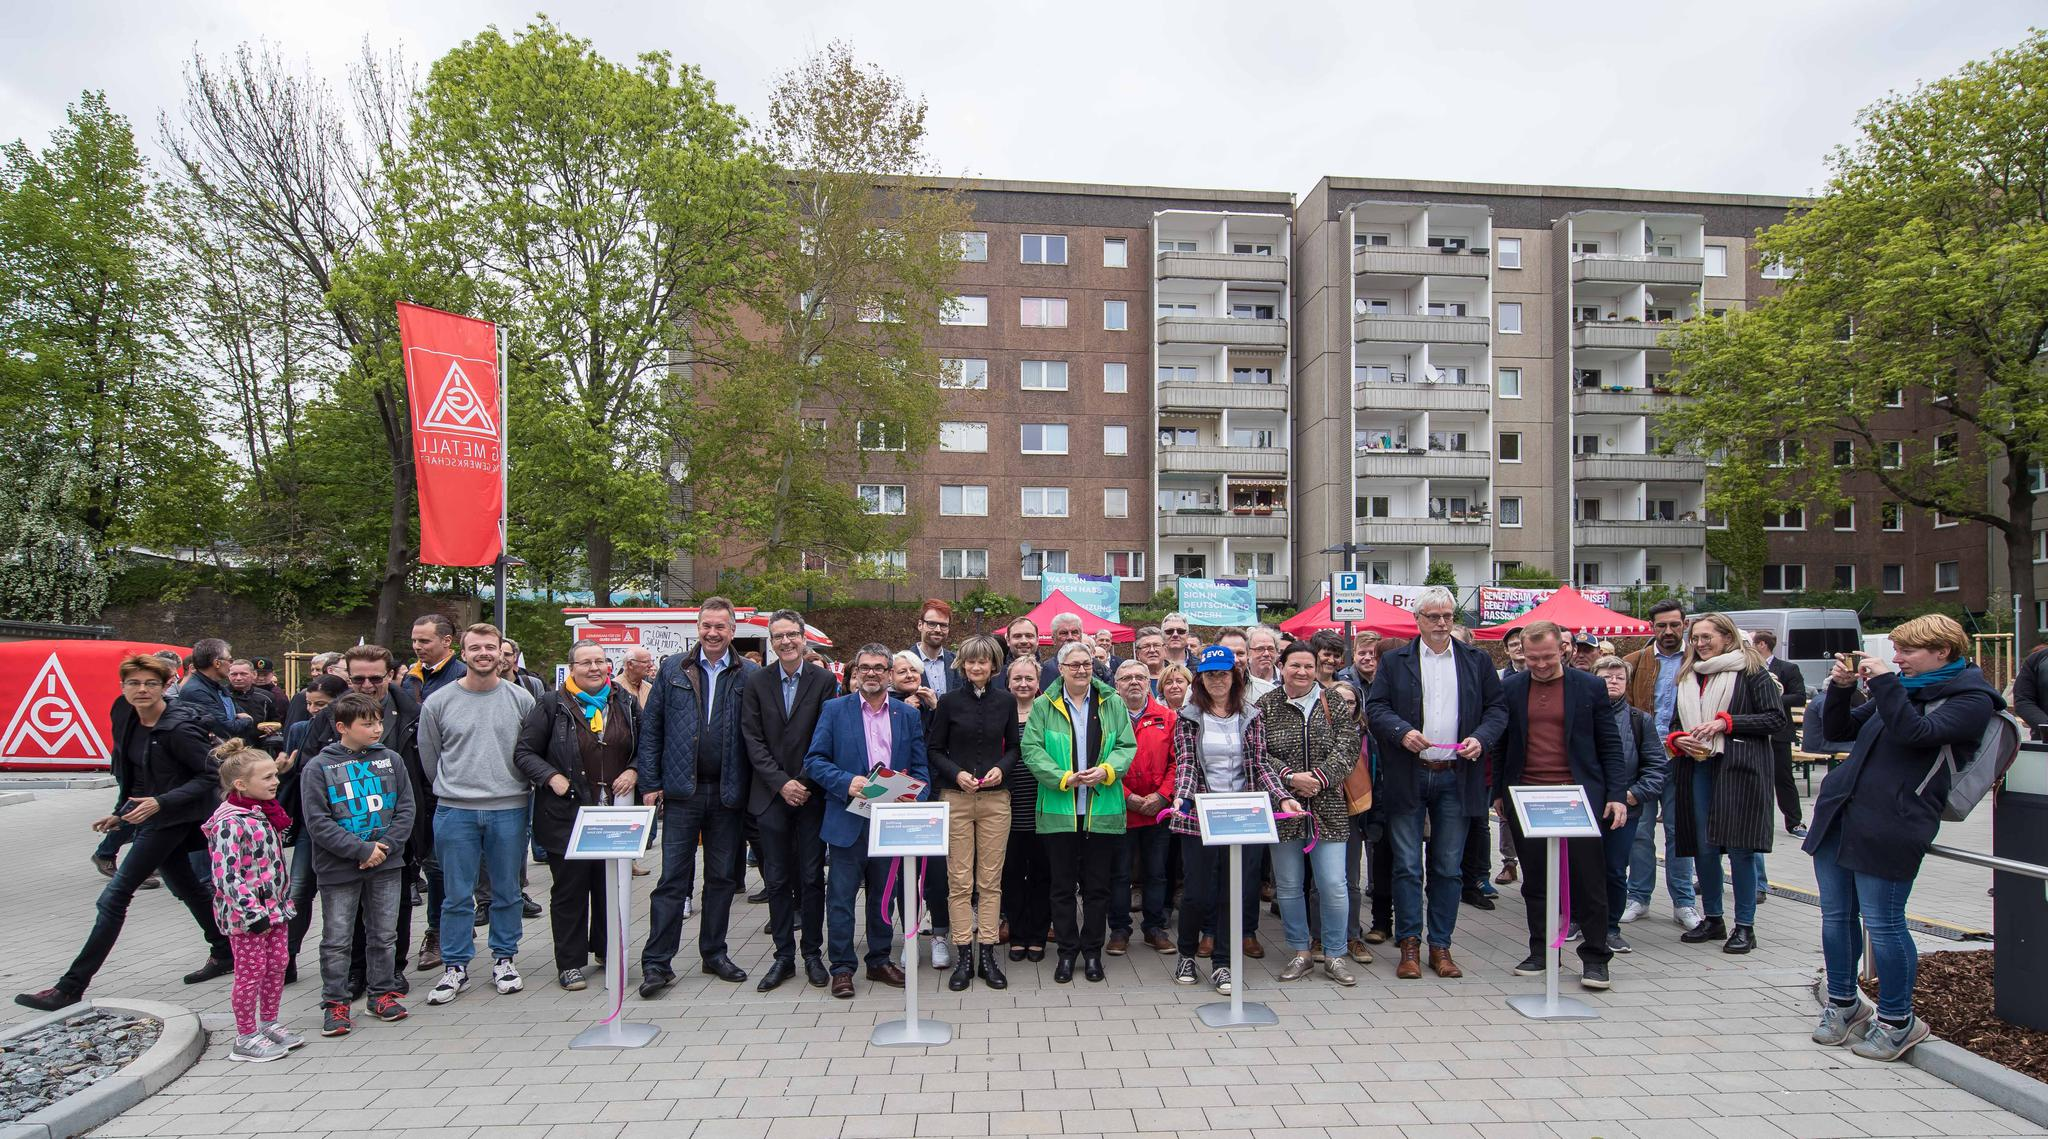 Eröffnung Haus der Gewerkschaften (HdG) Chemnitz